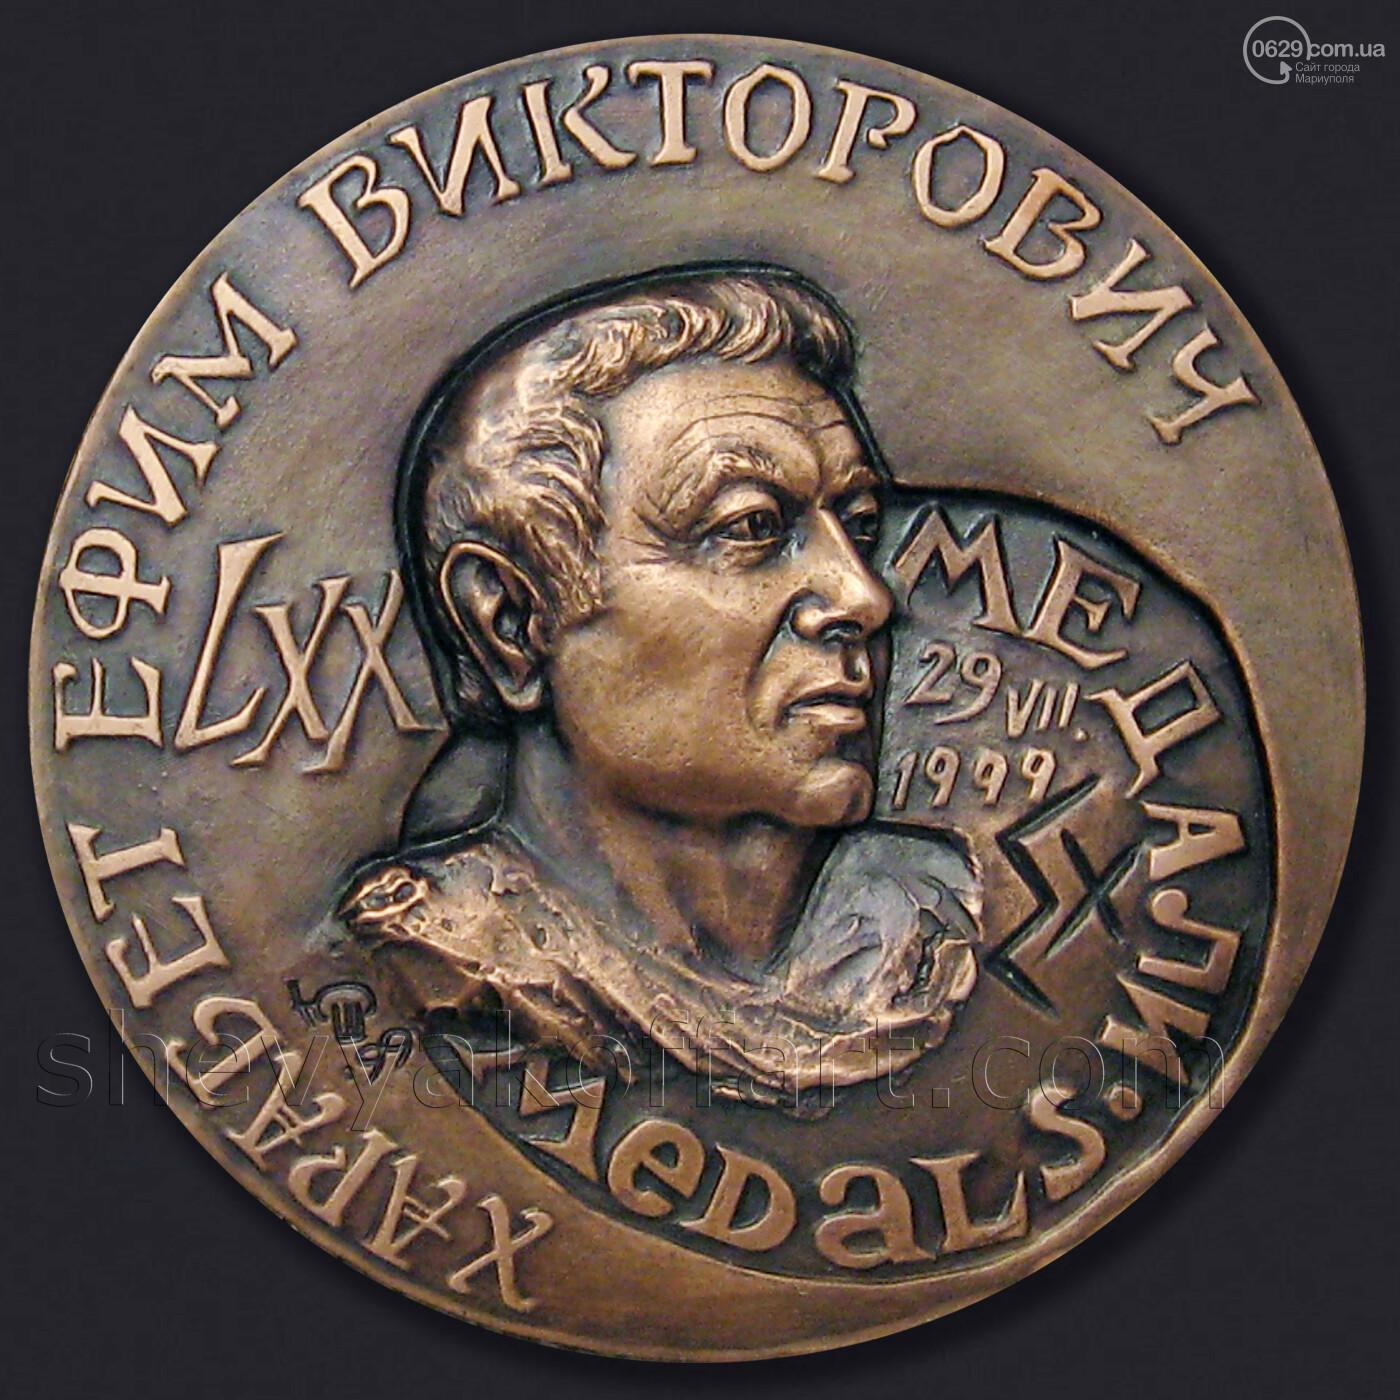 Философия в металле. Известный медальер подарил Мариуполю уникальные плакеты, - ФОТО, фото-3